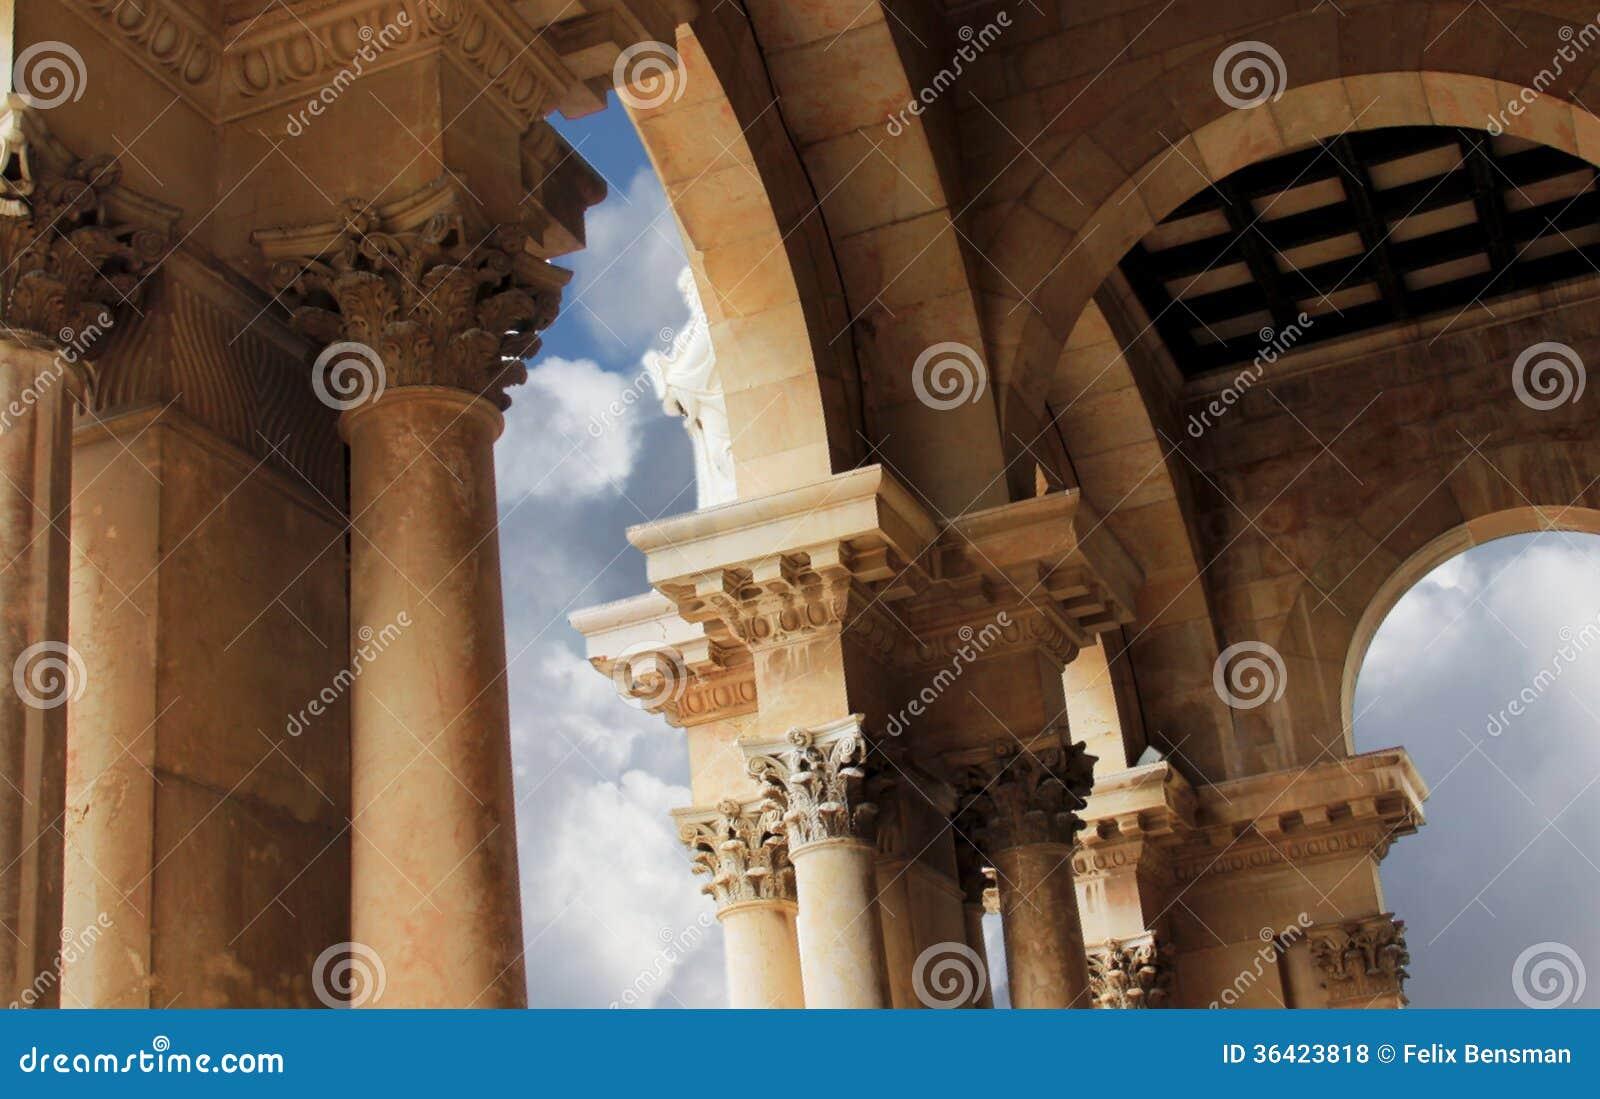 万国教堂。耶路撒冷。以色列